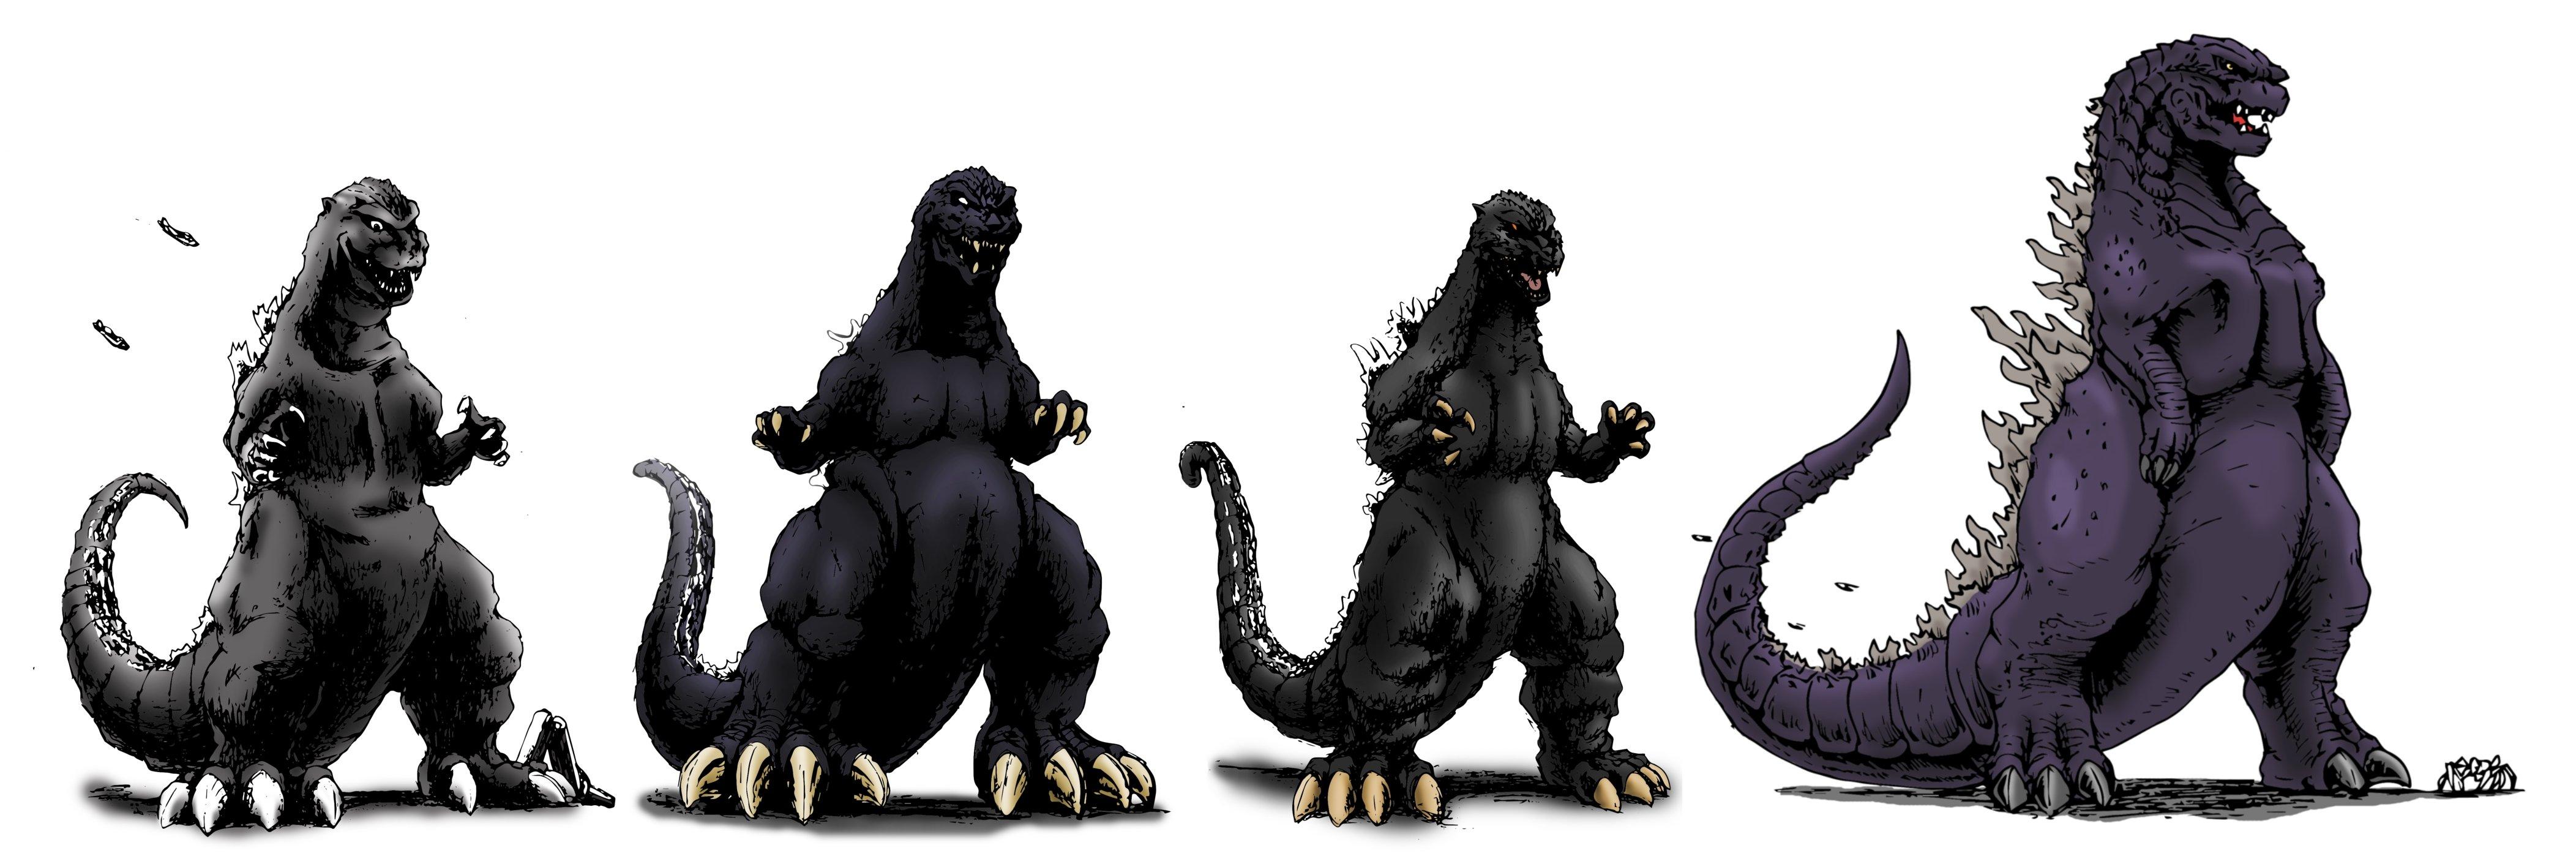 wallpaper godzilla monster dinosaur - photo #9